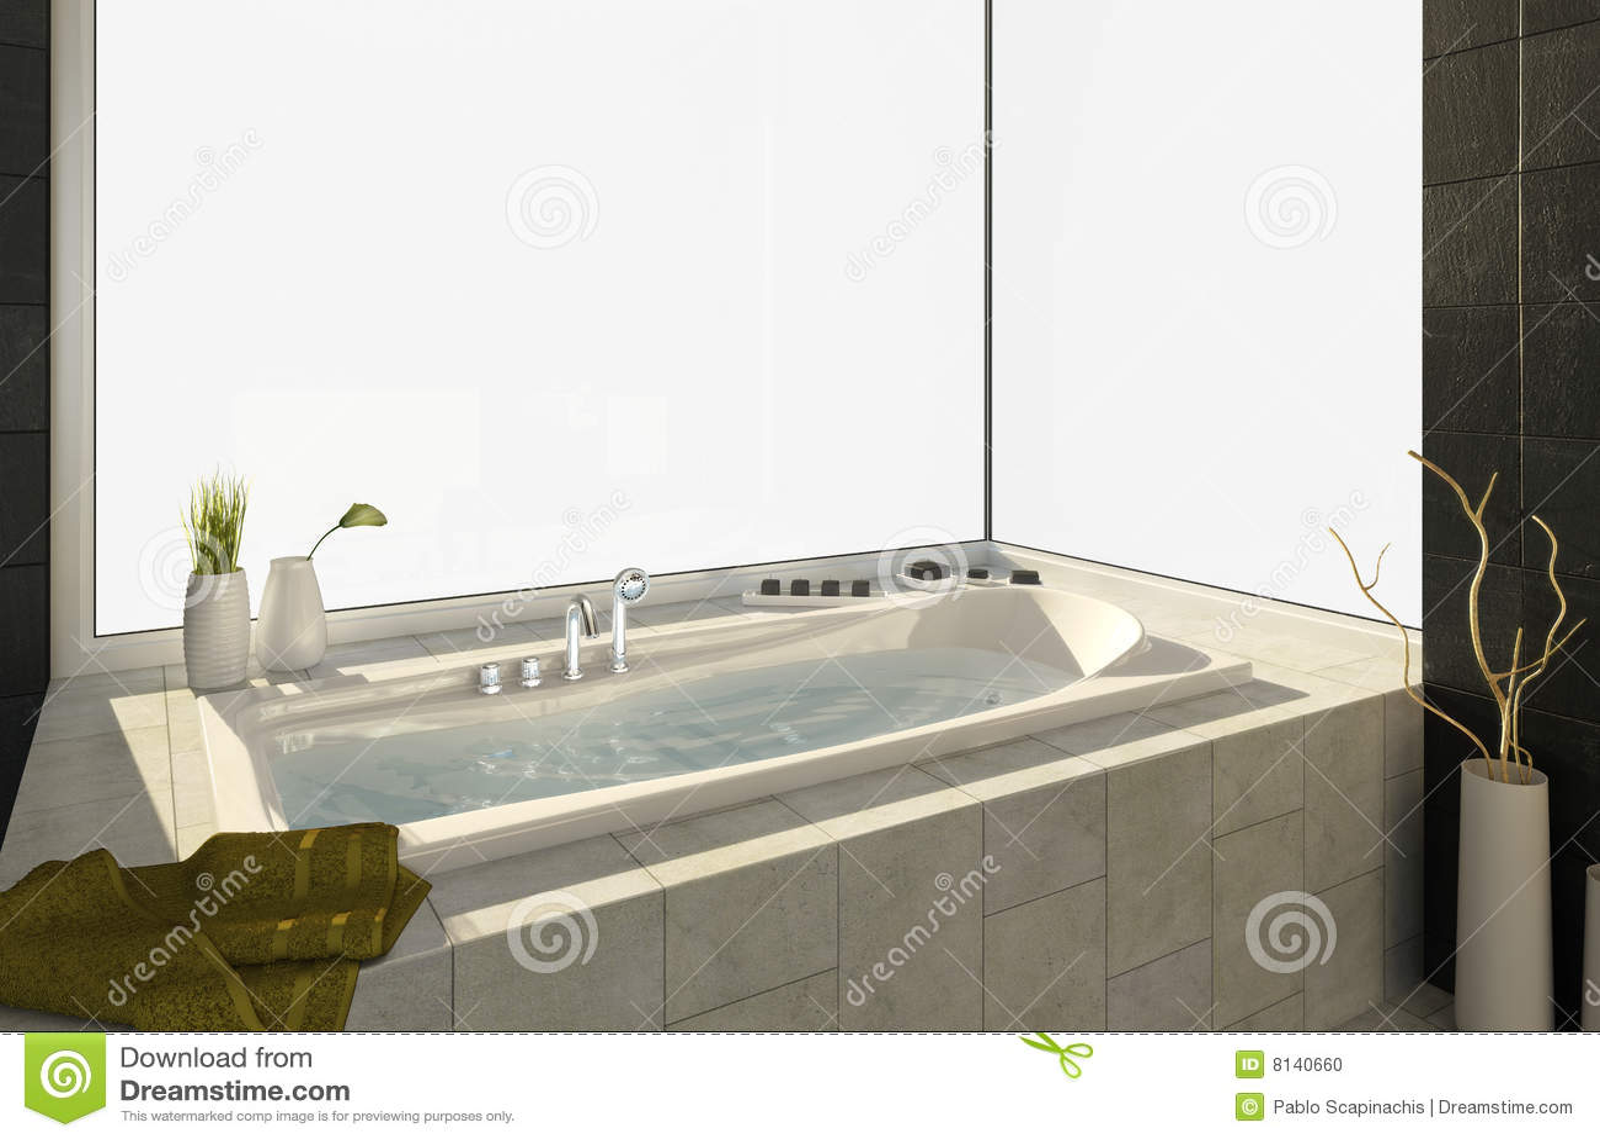 Vasca Da Bagno Grande Misure.Vasca Da Bagno Con Le Viste Fotografia Stock Immagine Di